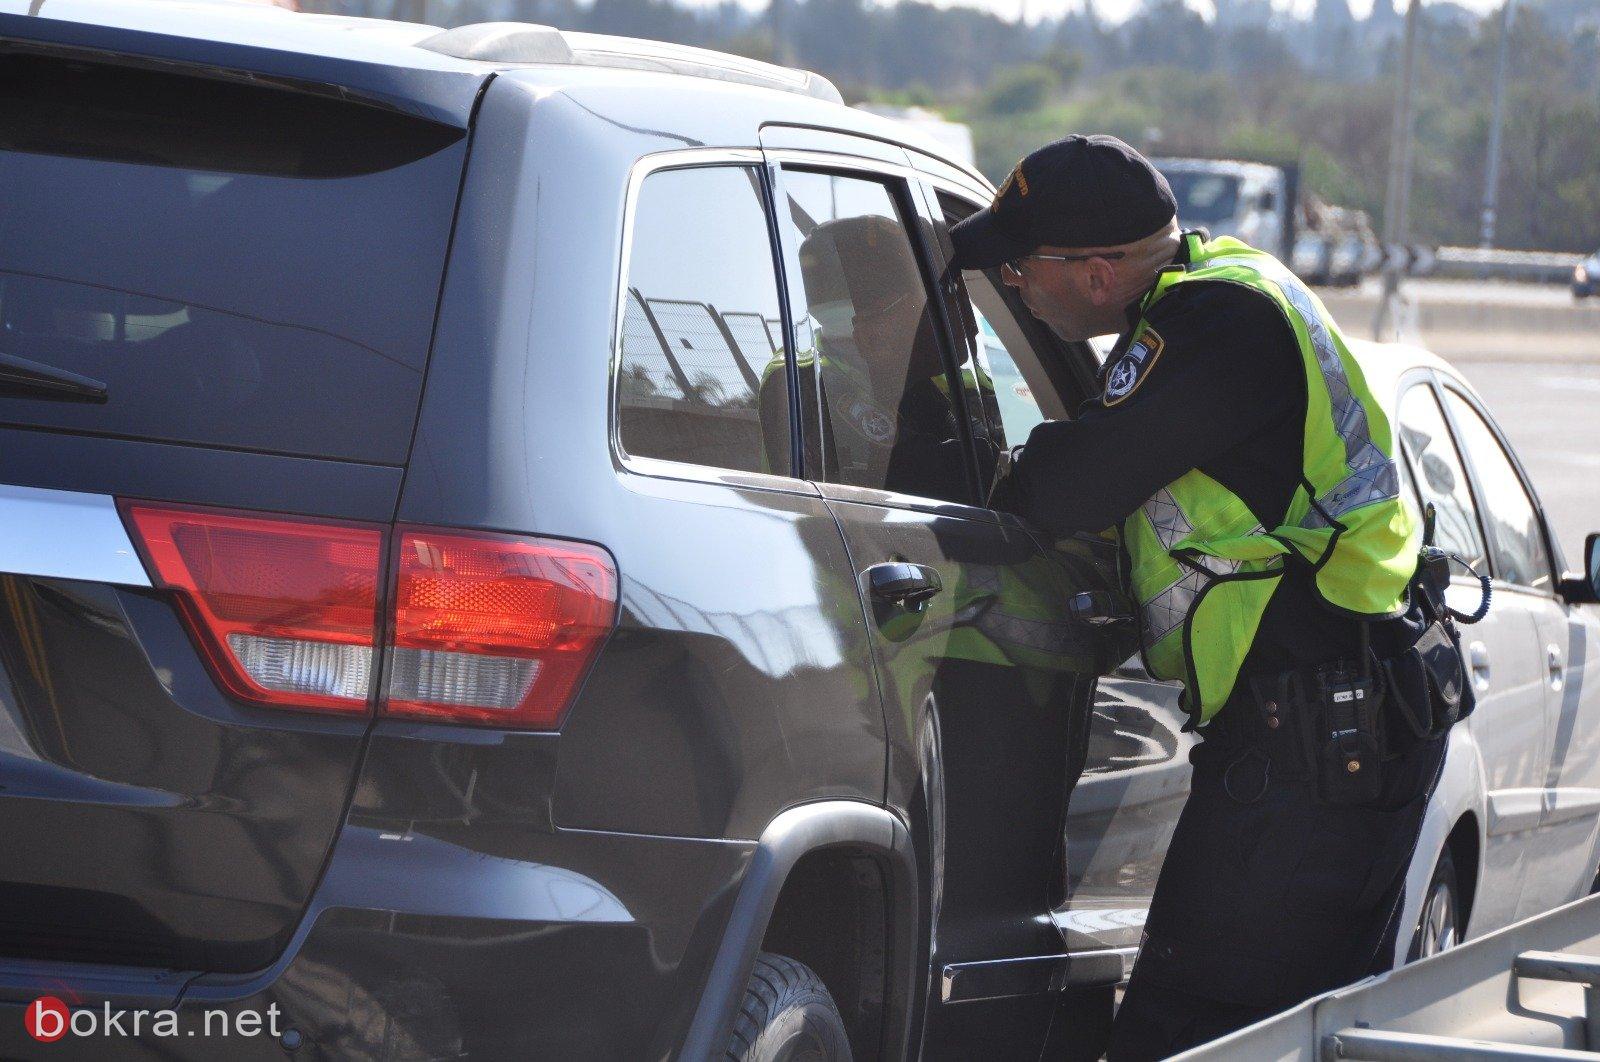 شرطة السير تواصل نشاطها بمكافحة حوادث الطرق بتحرير المخالفات